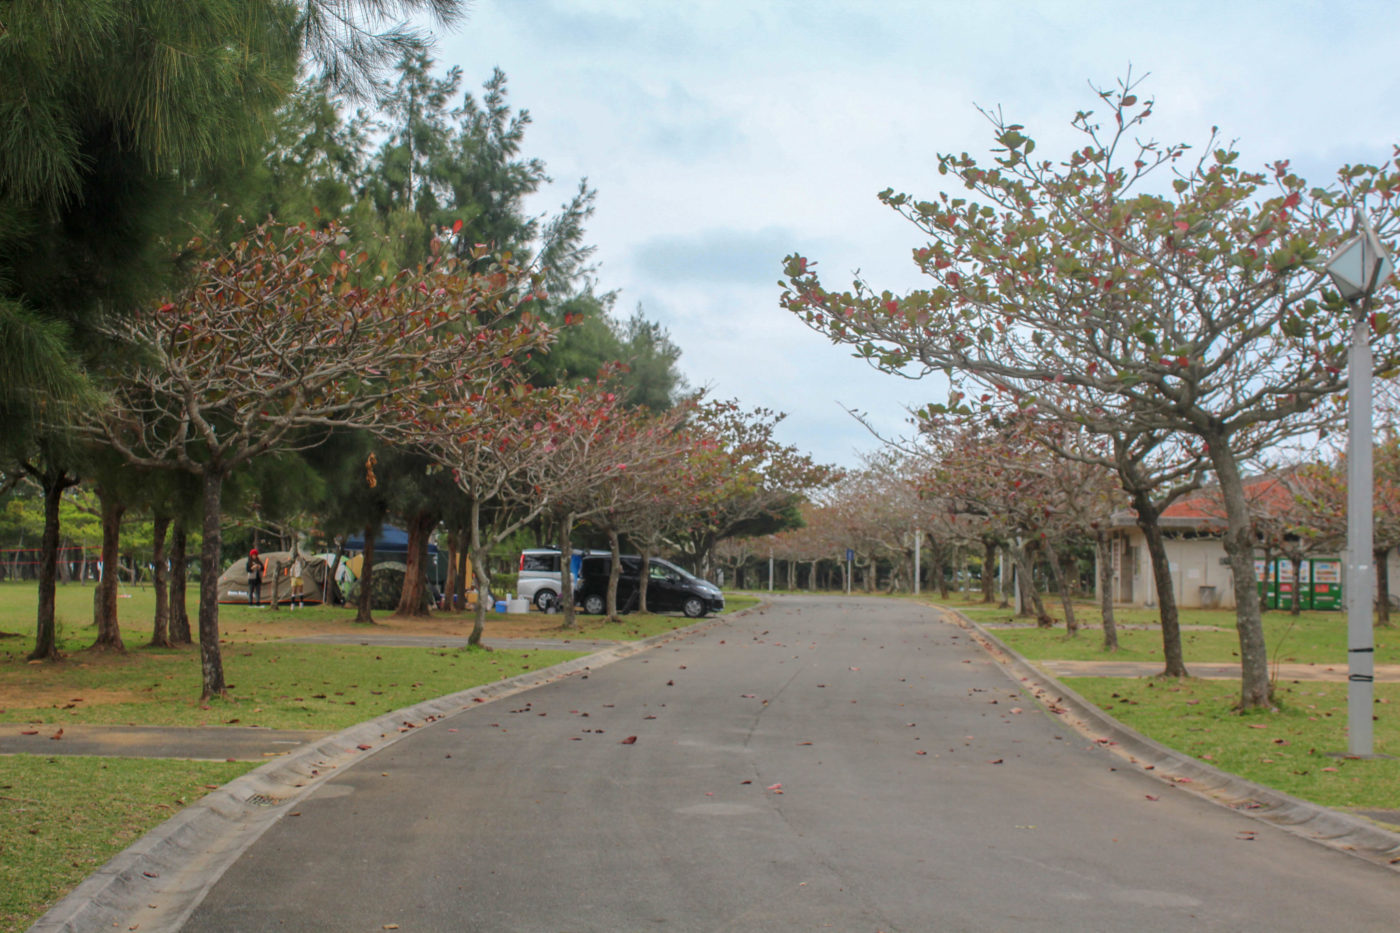 2月中旬の沖縄県総合公園オートキャンプ場内の様子。道路の両脇に区画型のオートサイトが並ぶ。